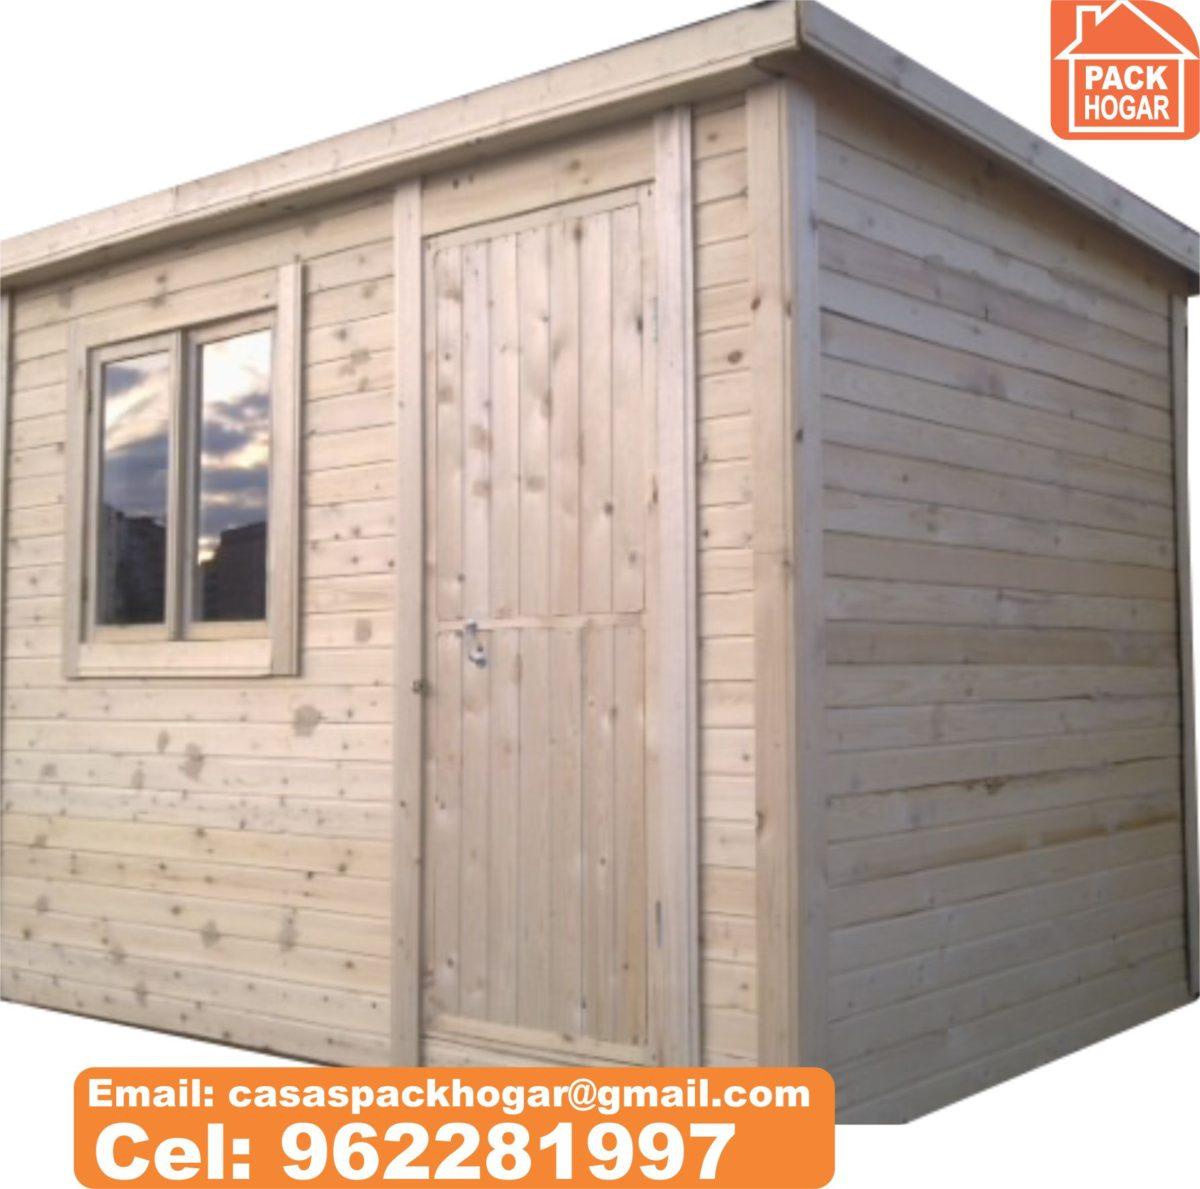 ¿Cuánto cuesta una caseta prefabricada de madera almacén y vivienda?-lima Perú